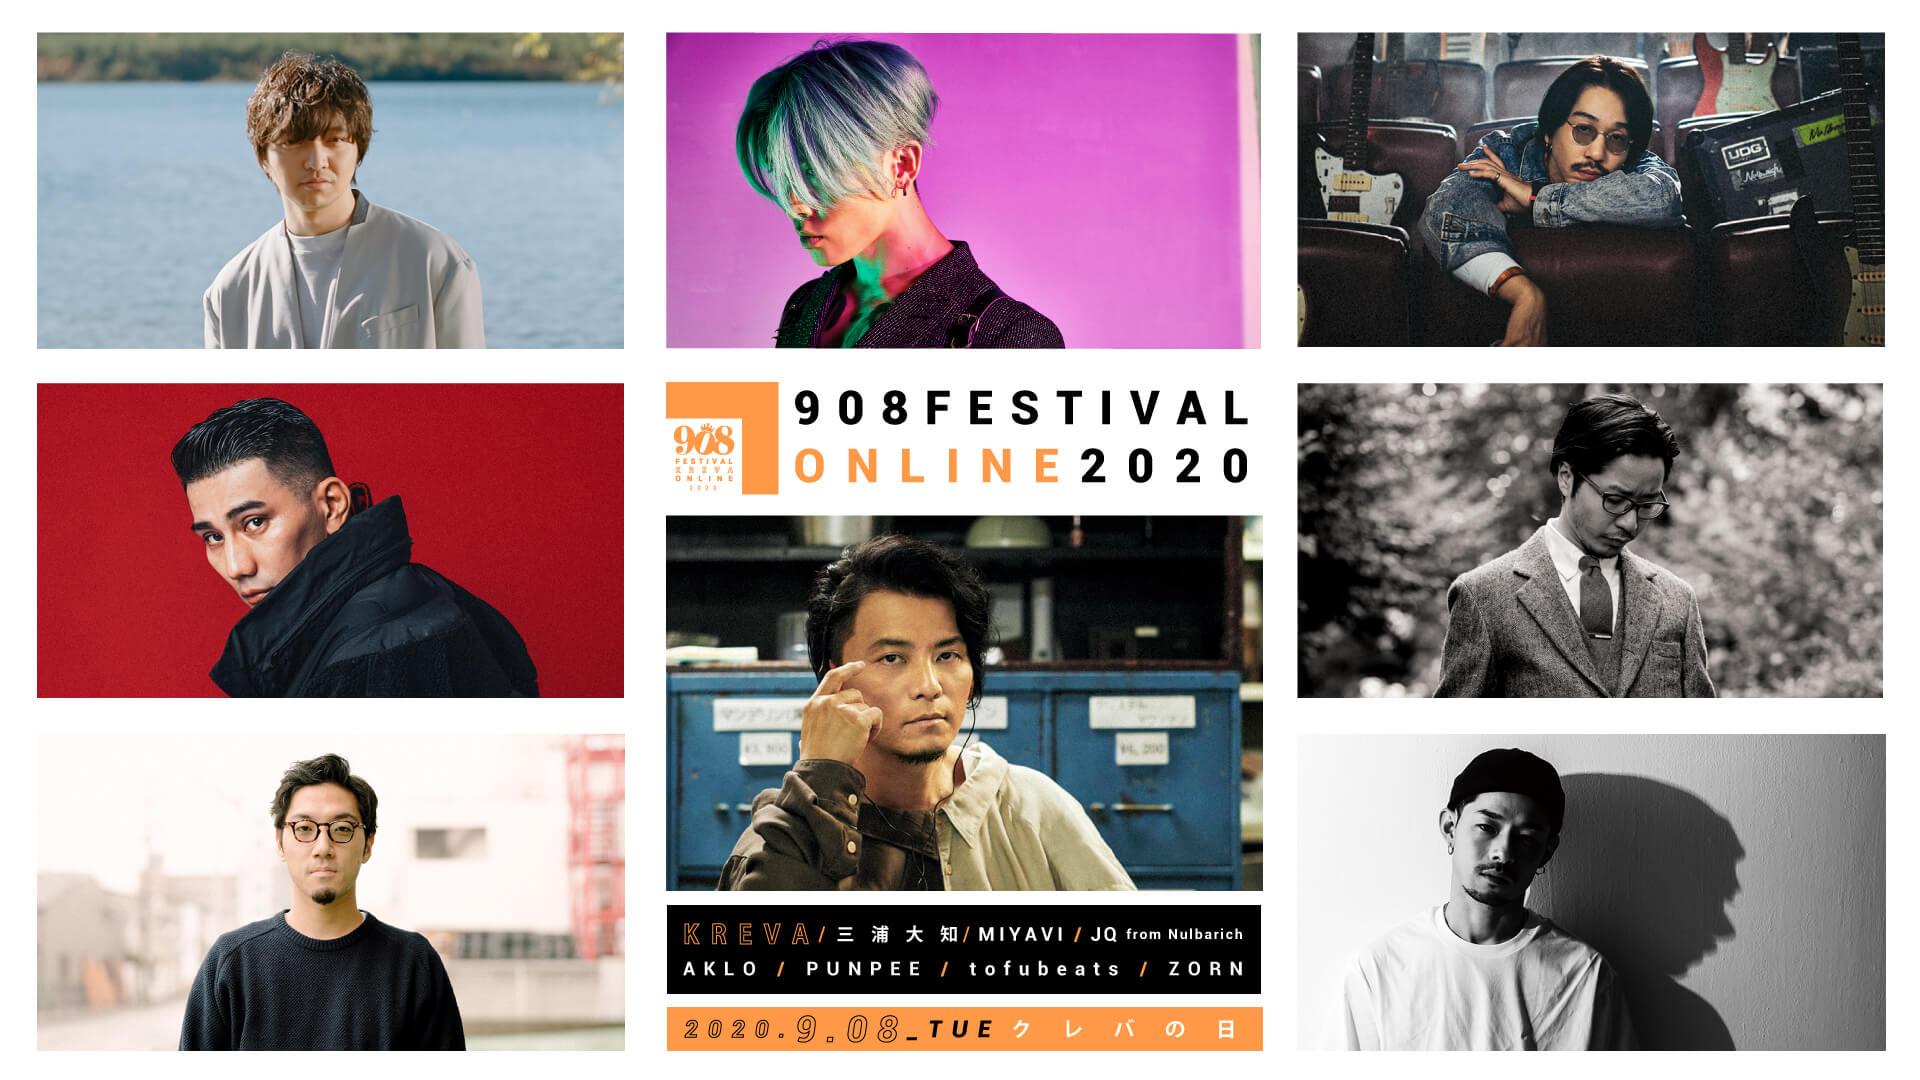 三浦大知、MIYAVI、tofubeats、PUNPEEなど豪華キャストが集結!KREVA主催の音楽フェス<908 FESTIVAL ONLINE 2020>ライブ配信決定 music2020824-908fes